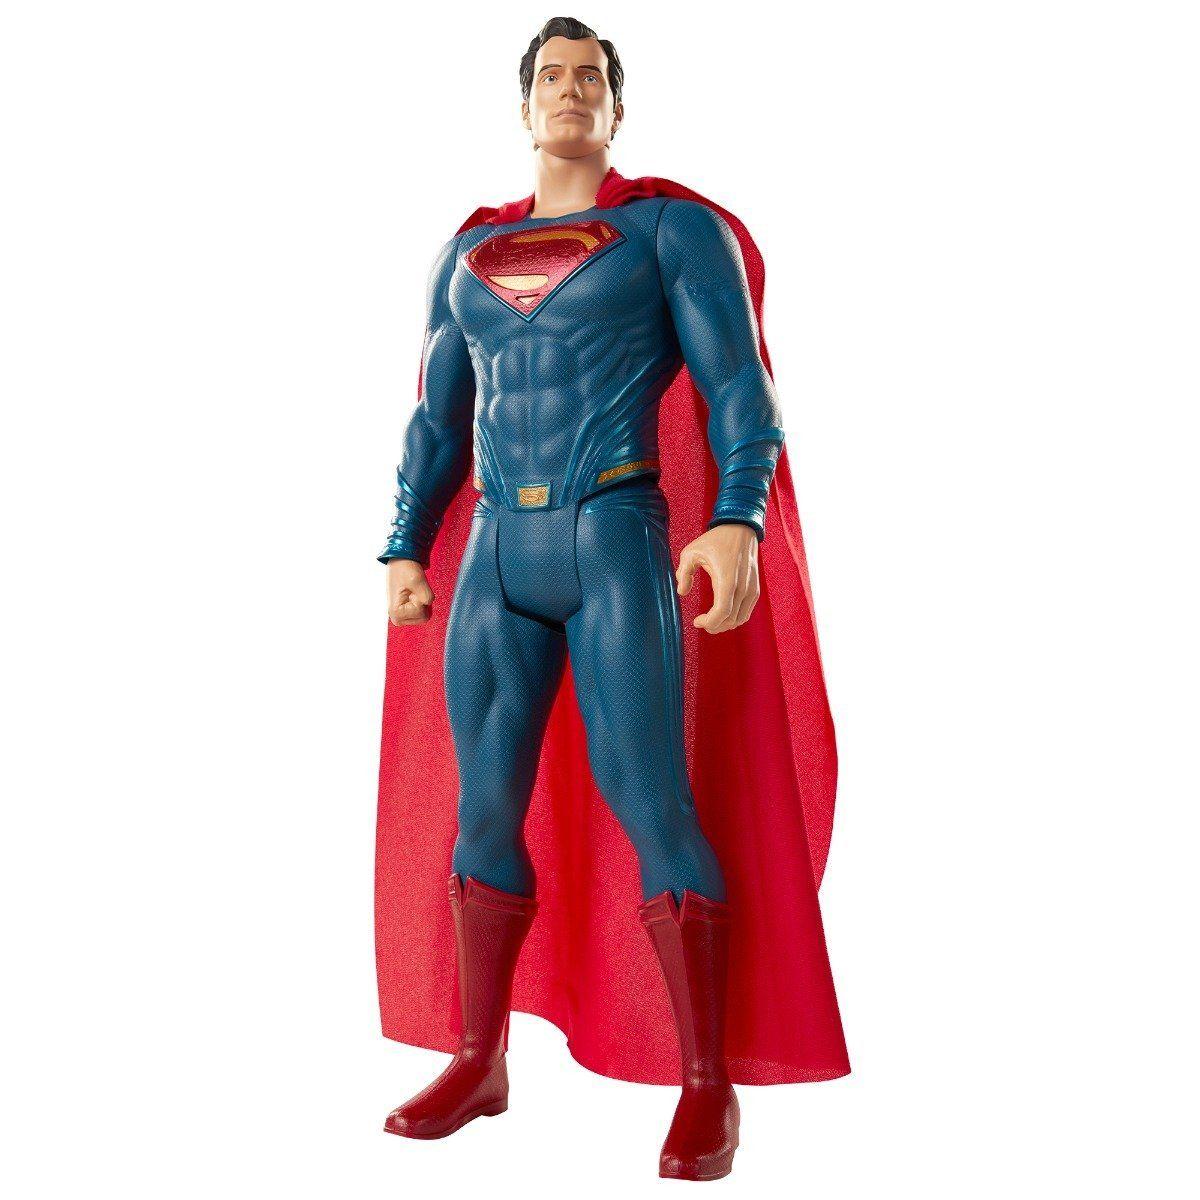 Boneco Gigante Super-Homem (Superman): Liga da Justiça (Justice League) 45CM - Mimo